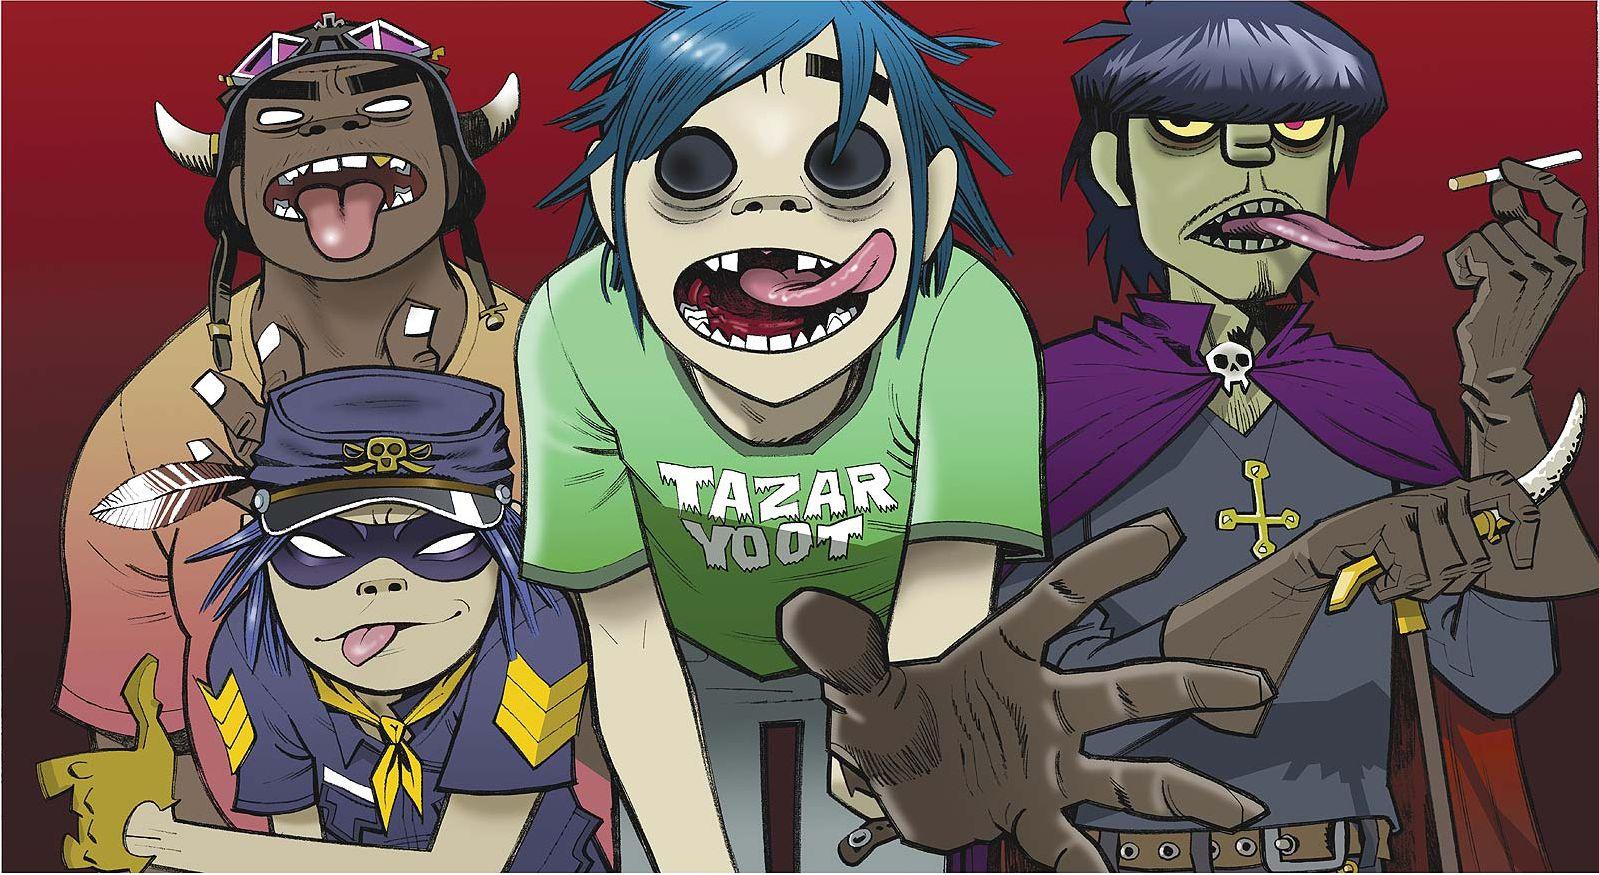 Группа Gorillaz обнародовала название идату выпуска нового альбома